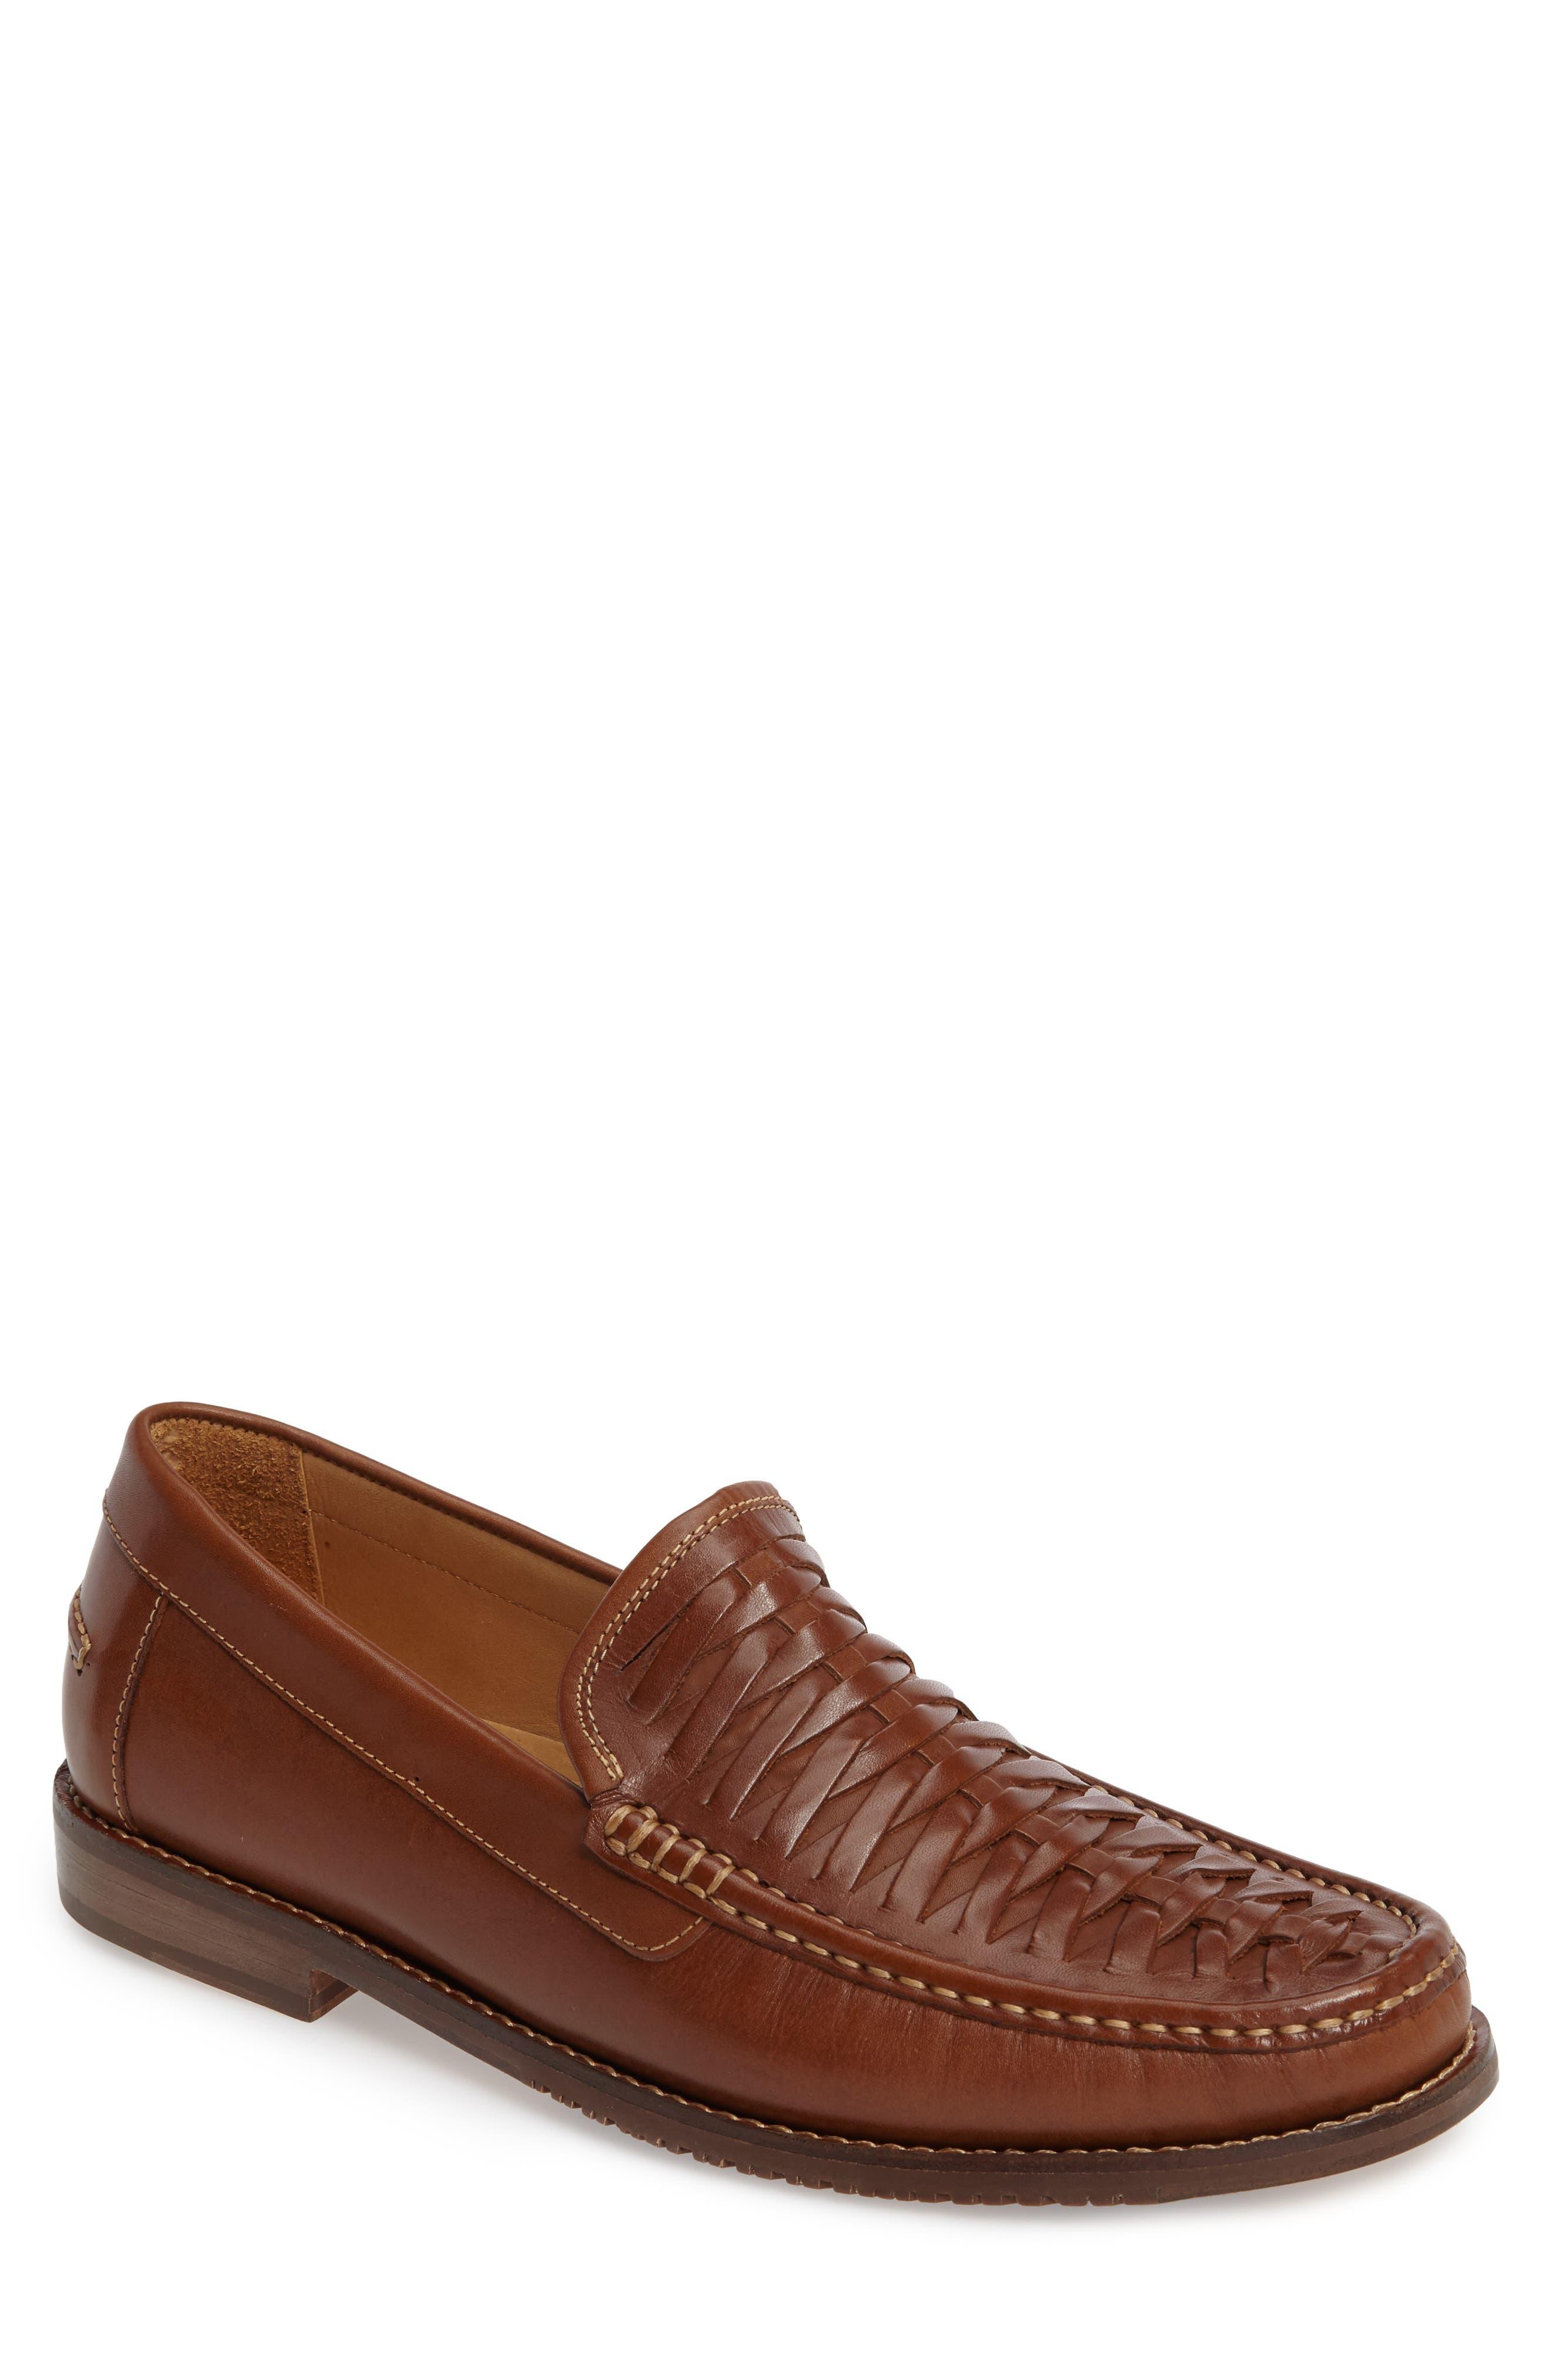 Fynn Loafer,                         Main,                         color, Saddle Brown Leather